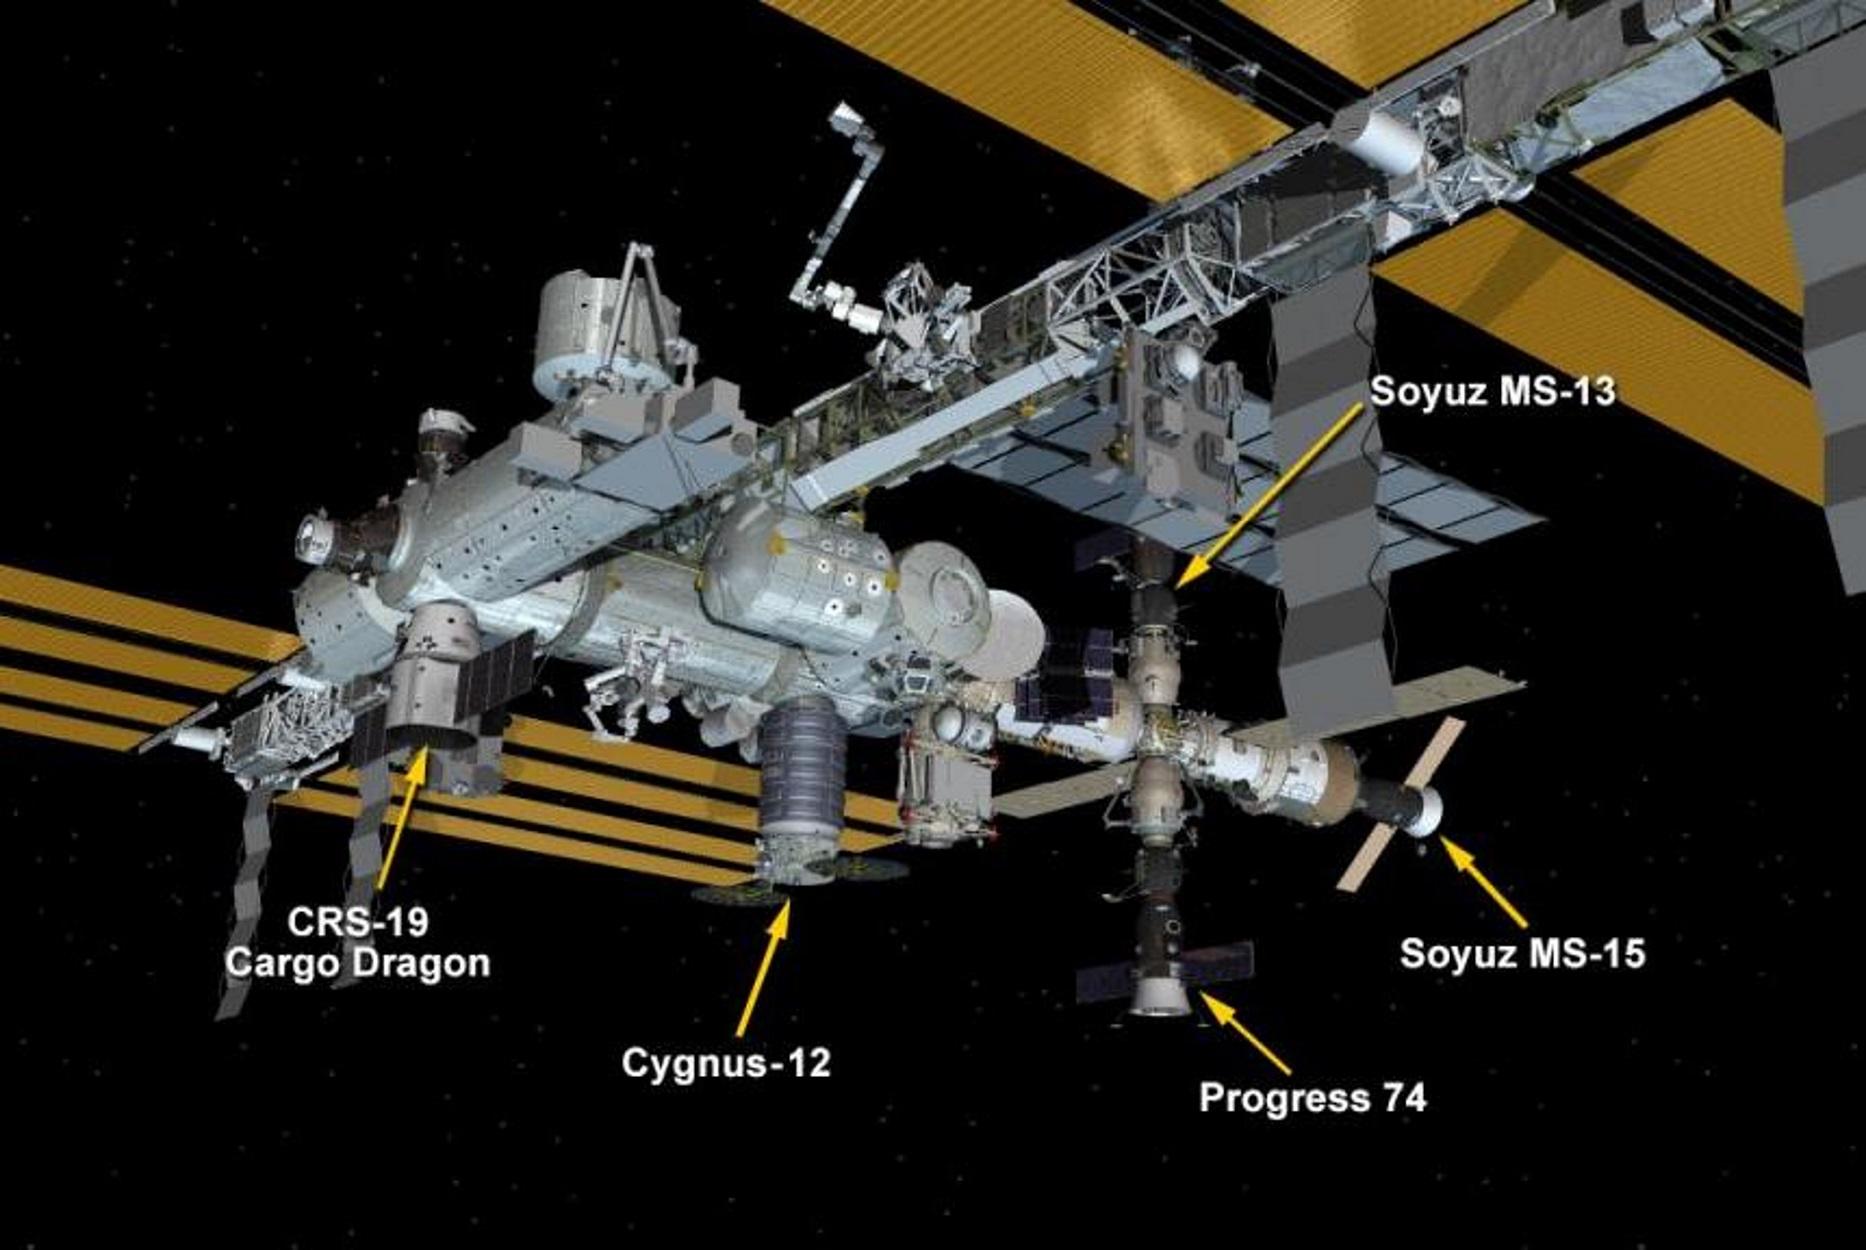 Διεθνής Διαστημικός Σταθμός: Μετατράπηκε σε… πάρκινγκ διαστημικών σκαφών!